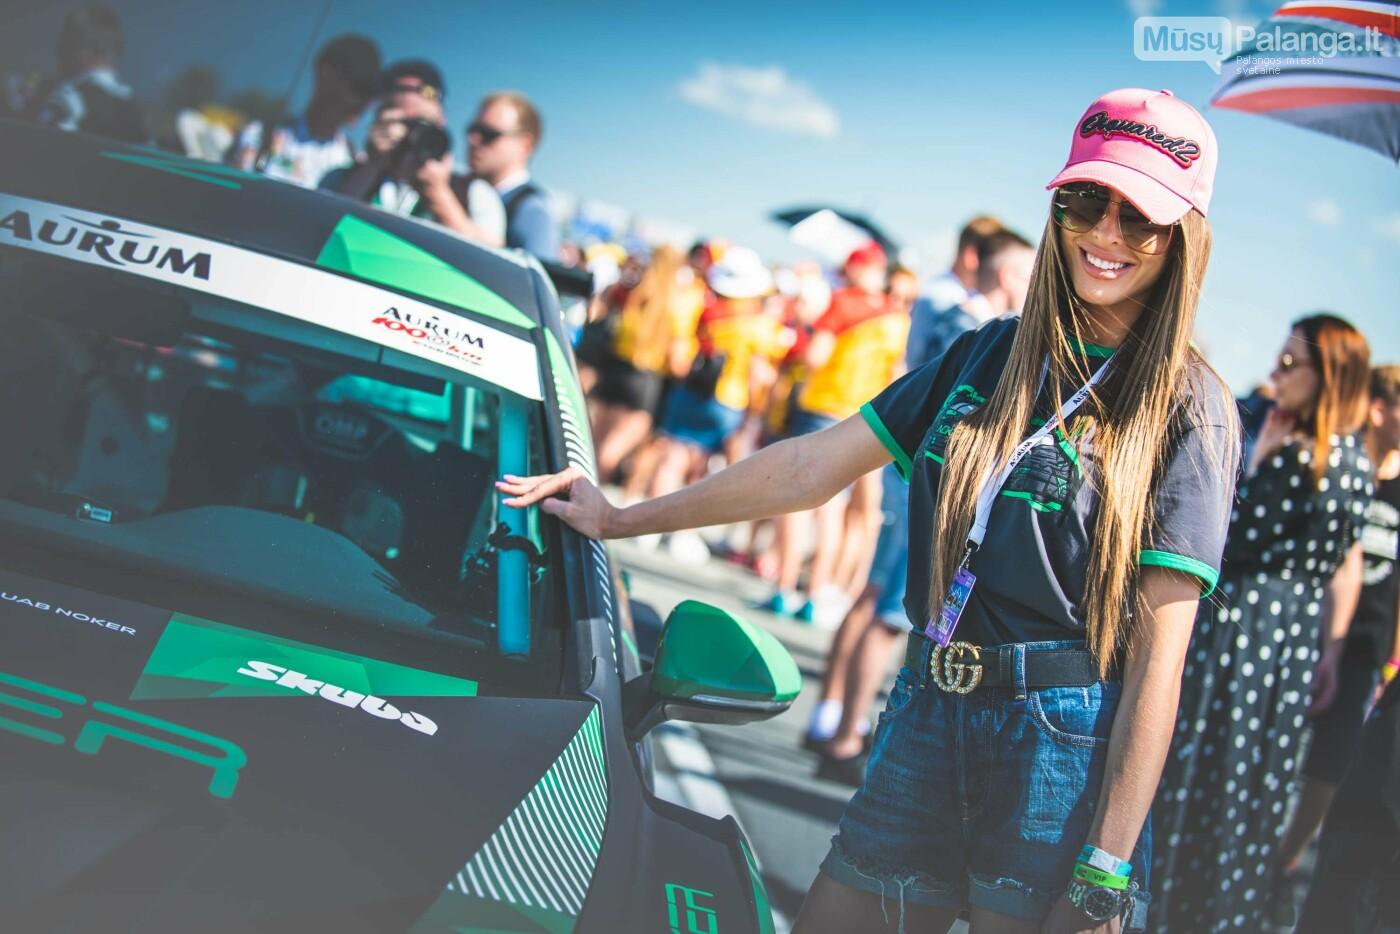 """Palangoje startavo """"Aurum 1006 km"""" lenktynės, nuotrauka-12, Vytauto PILKAUSKO ir Arno STRUMILOS nuotr."""